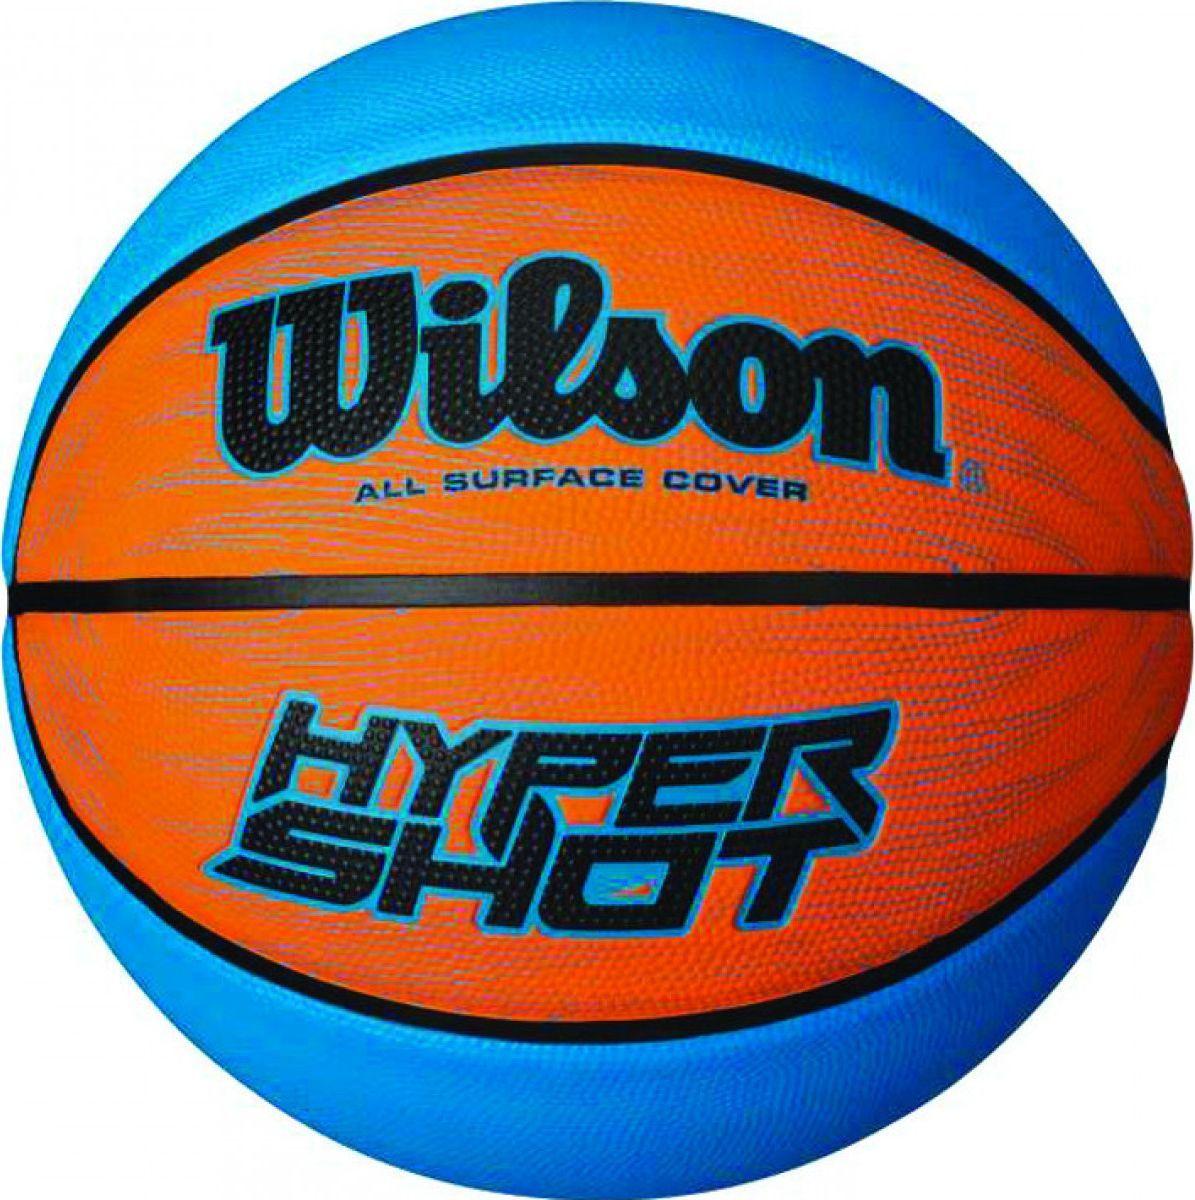 Мяч баскетбольный Wilson Hyper Shot I, цвет: синий, оранжевый. Размер 7WTB0961XBБаскетбольный мяч Wilson Hyper Shot I отлично подходит для комфортных тренировок и игр команд любого уровня.Мяч имеет губчатое резиновое покрытие, обеспечивающее наибольший контроль в условиях игры, а отверстие для надува снабжено специальной системой, сохраняющей максимум воздуха и давления.Мяч обладает большой цепкостью, он не выскальзывает из рук во время броска или дриблинга. Баскетбольный мяч рекомендован для тренировок и соревнований команд высокого уровня.Размер №7: для мужчин и юношей от 17 лет, официальный размер для соревнований.УВАЖАЕМЫЕ КЛИЕНТЫ!Обращаем ваше внимание на тот факт, что мяч поставляется в сдутом виде. Насос в комплект не входит.